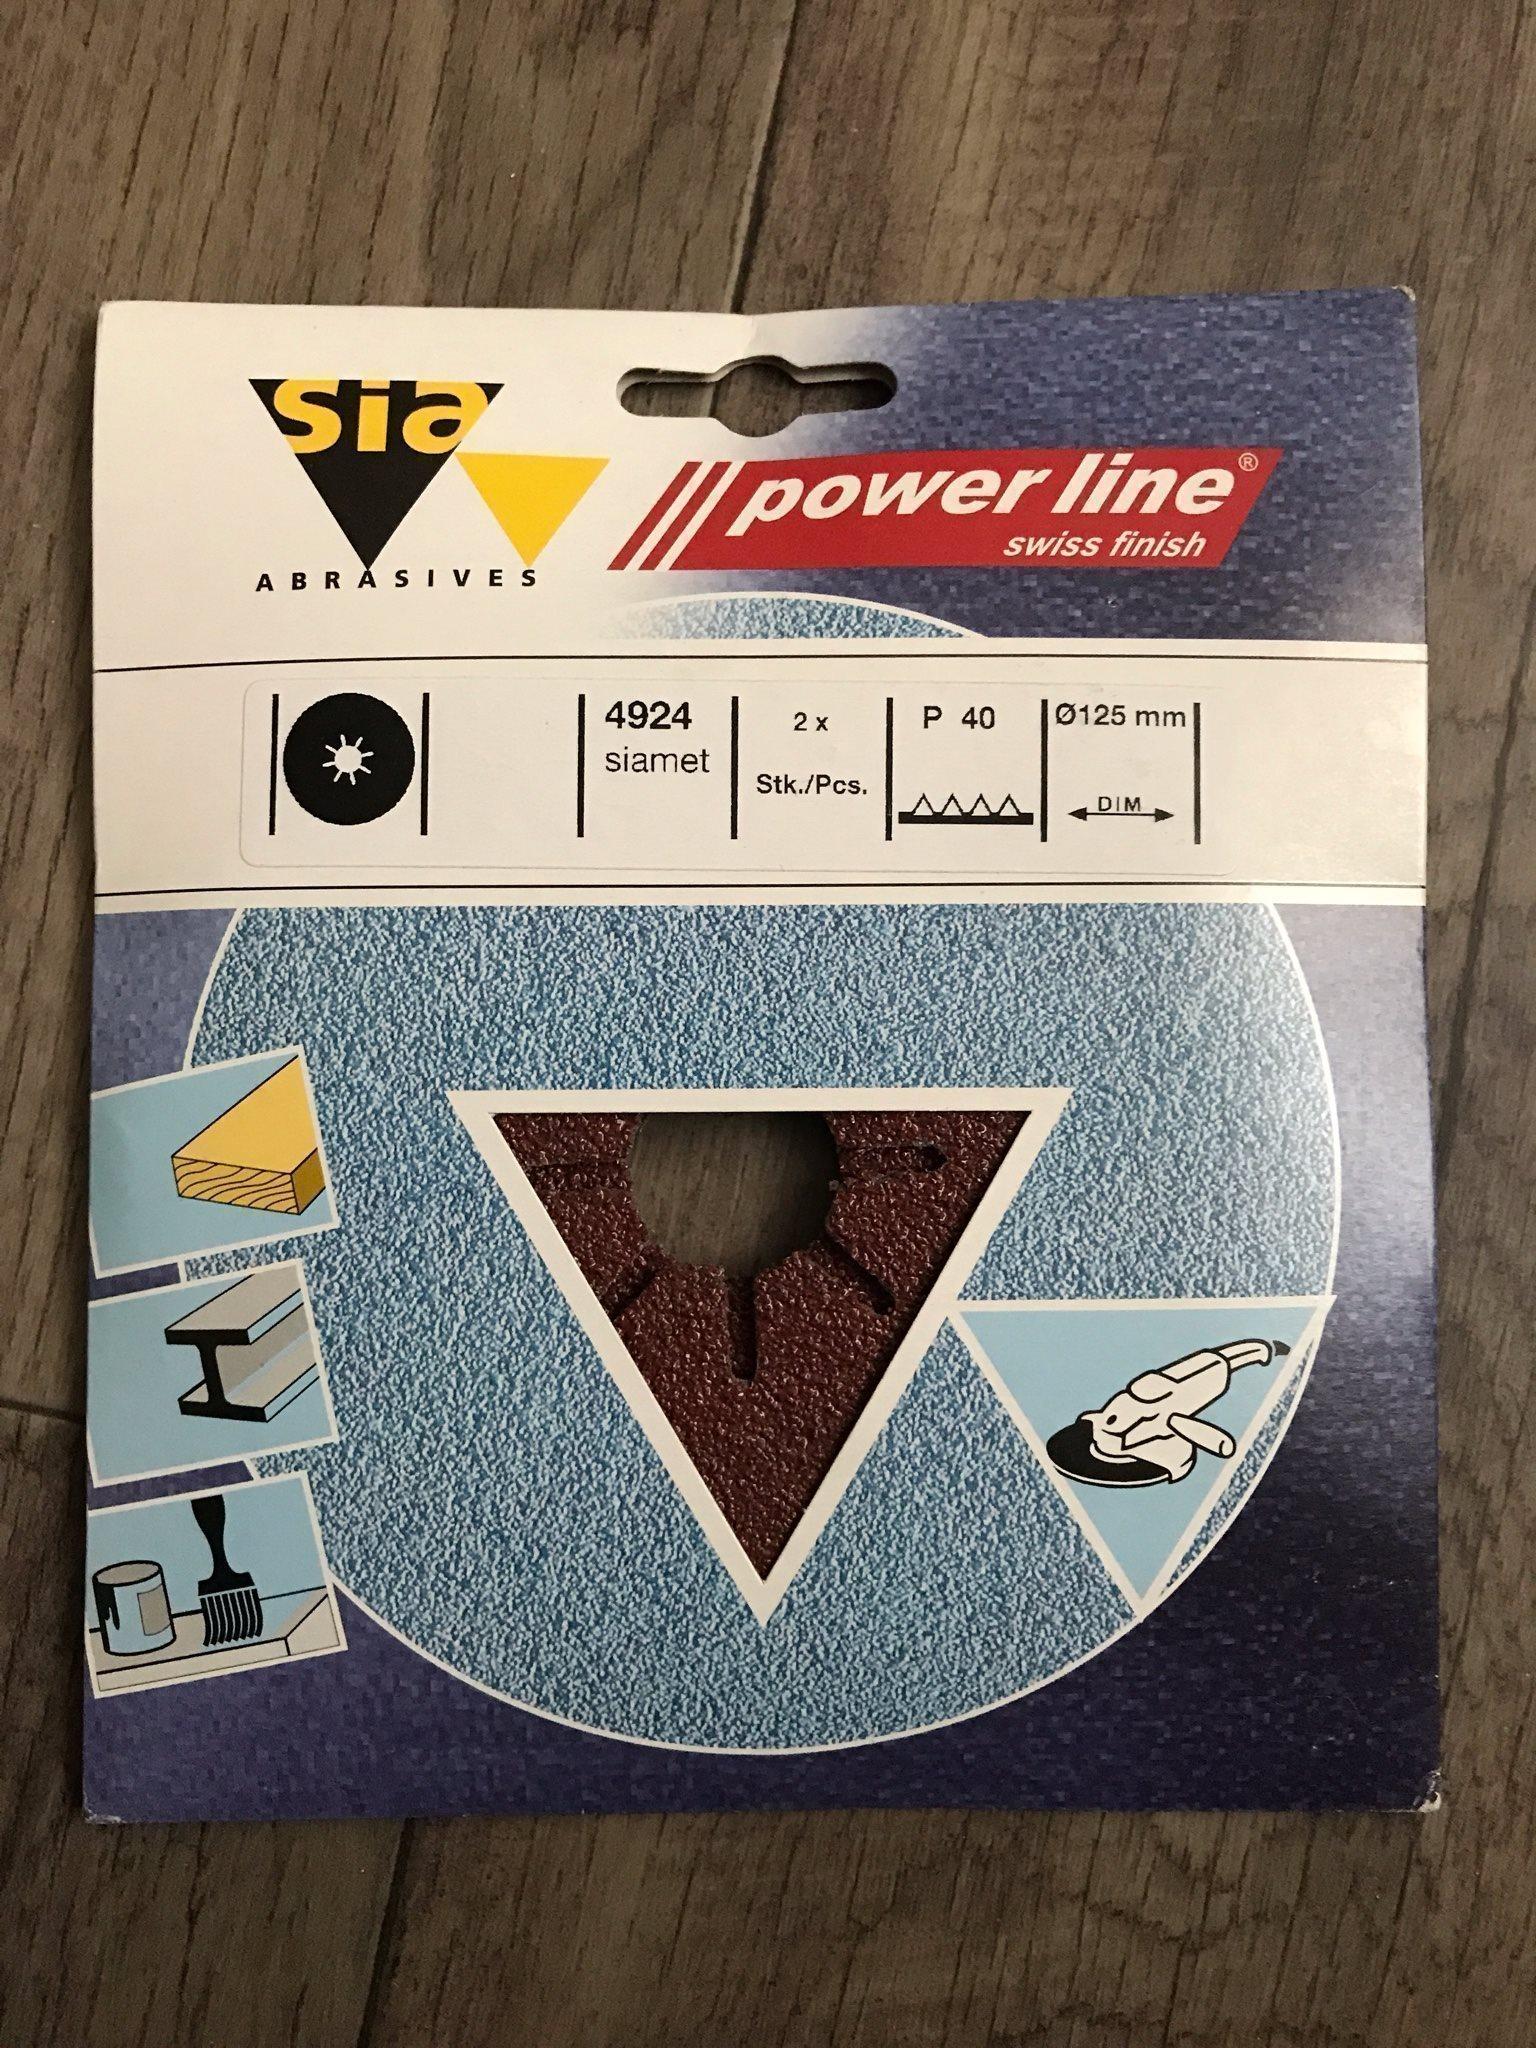 Slippapper vinkelslip (334258529) ᐈ Köp på Tradera ee633f73c4846